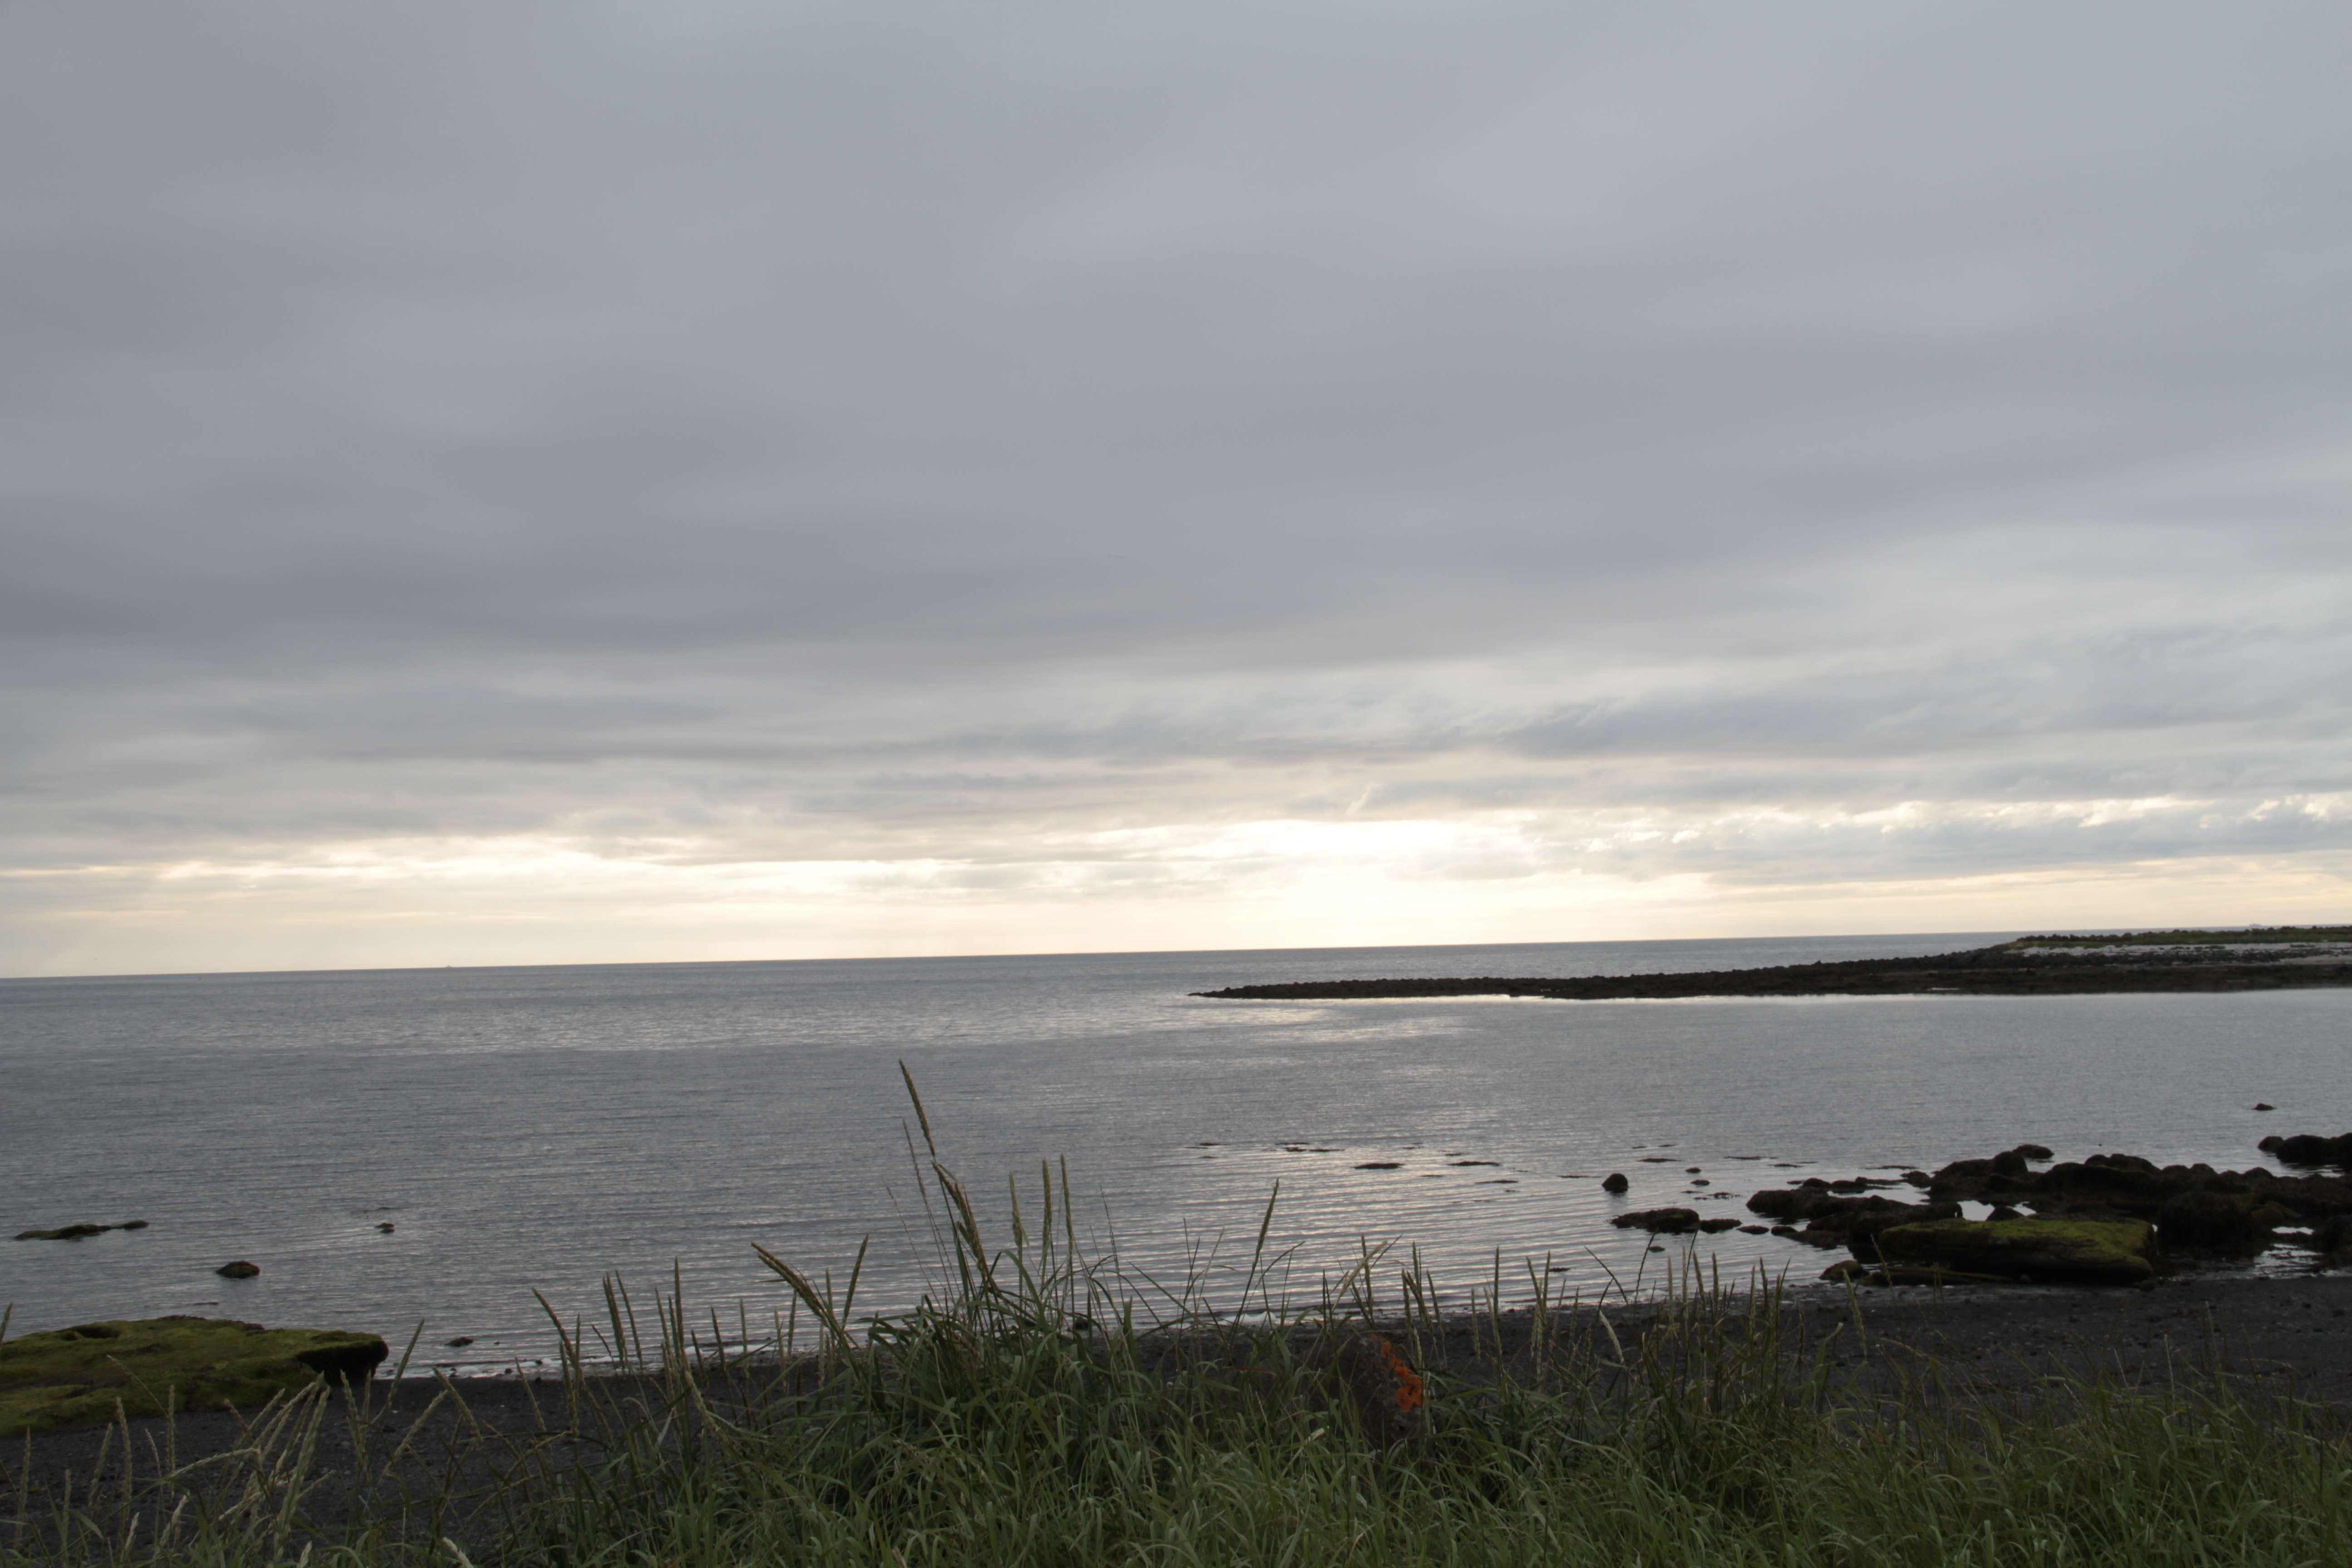 Islande_0680 Reykjavik ile grotta 20 juillet